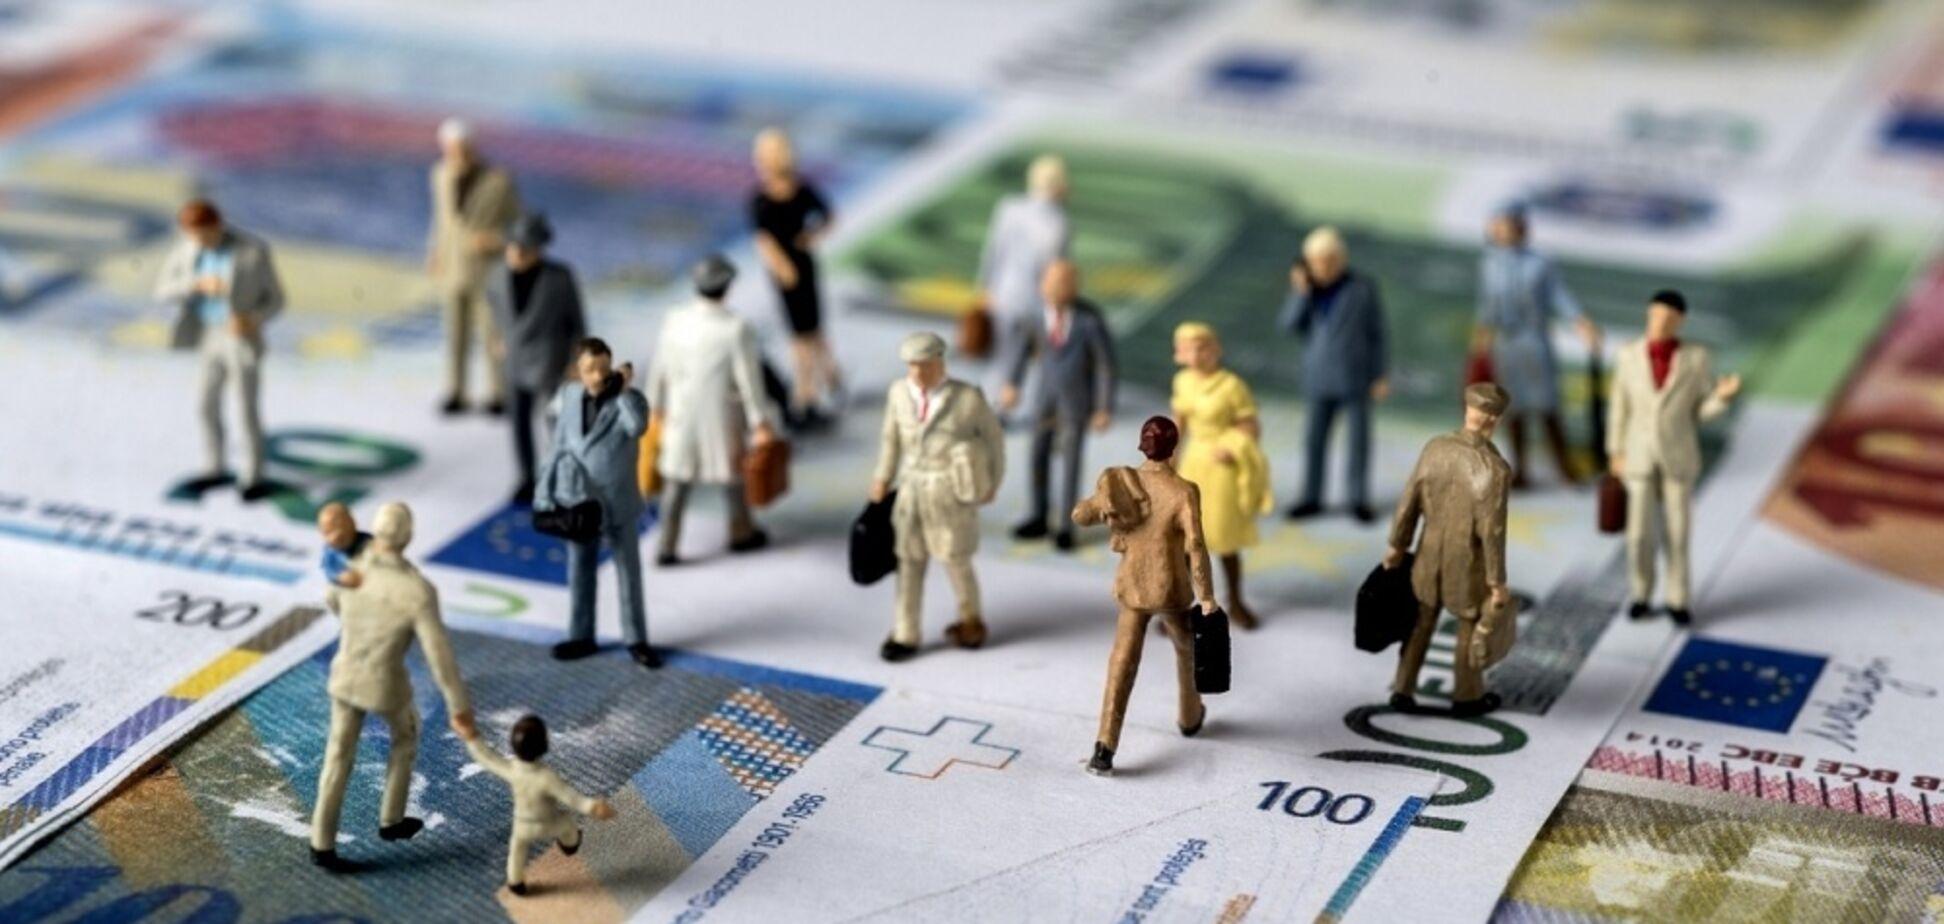 Европейская служба статистики раскрыла данные об иммиграции